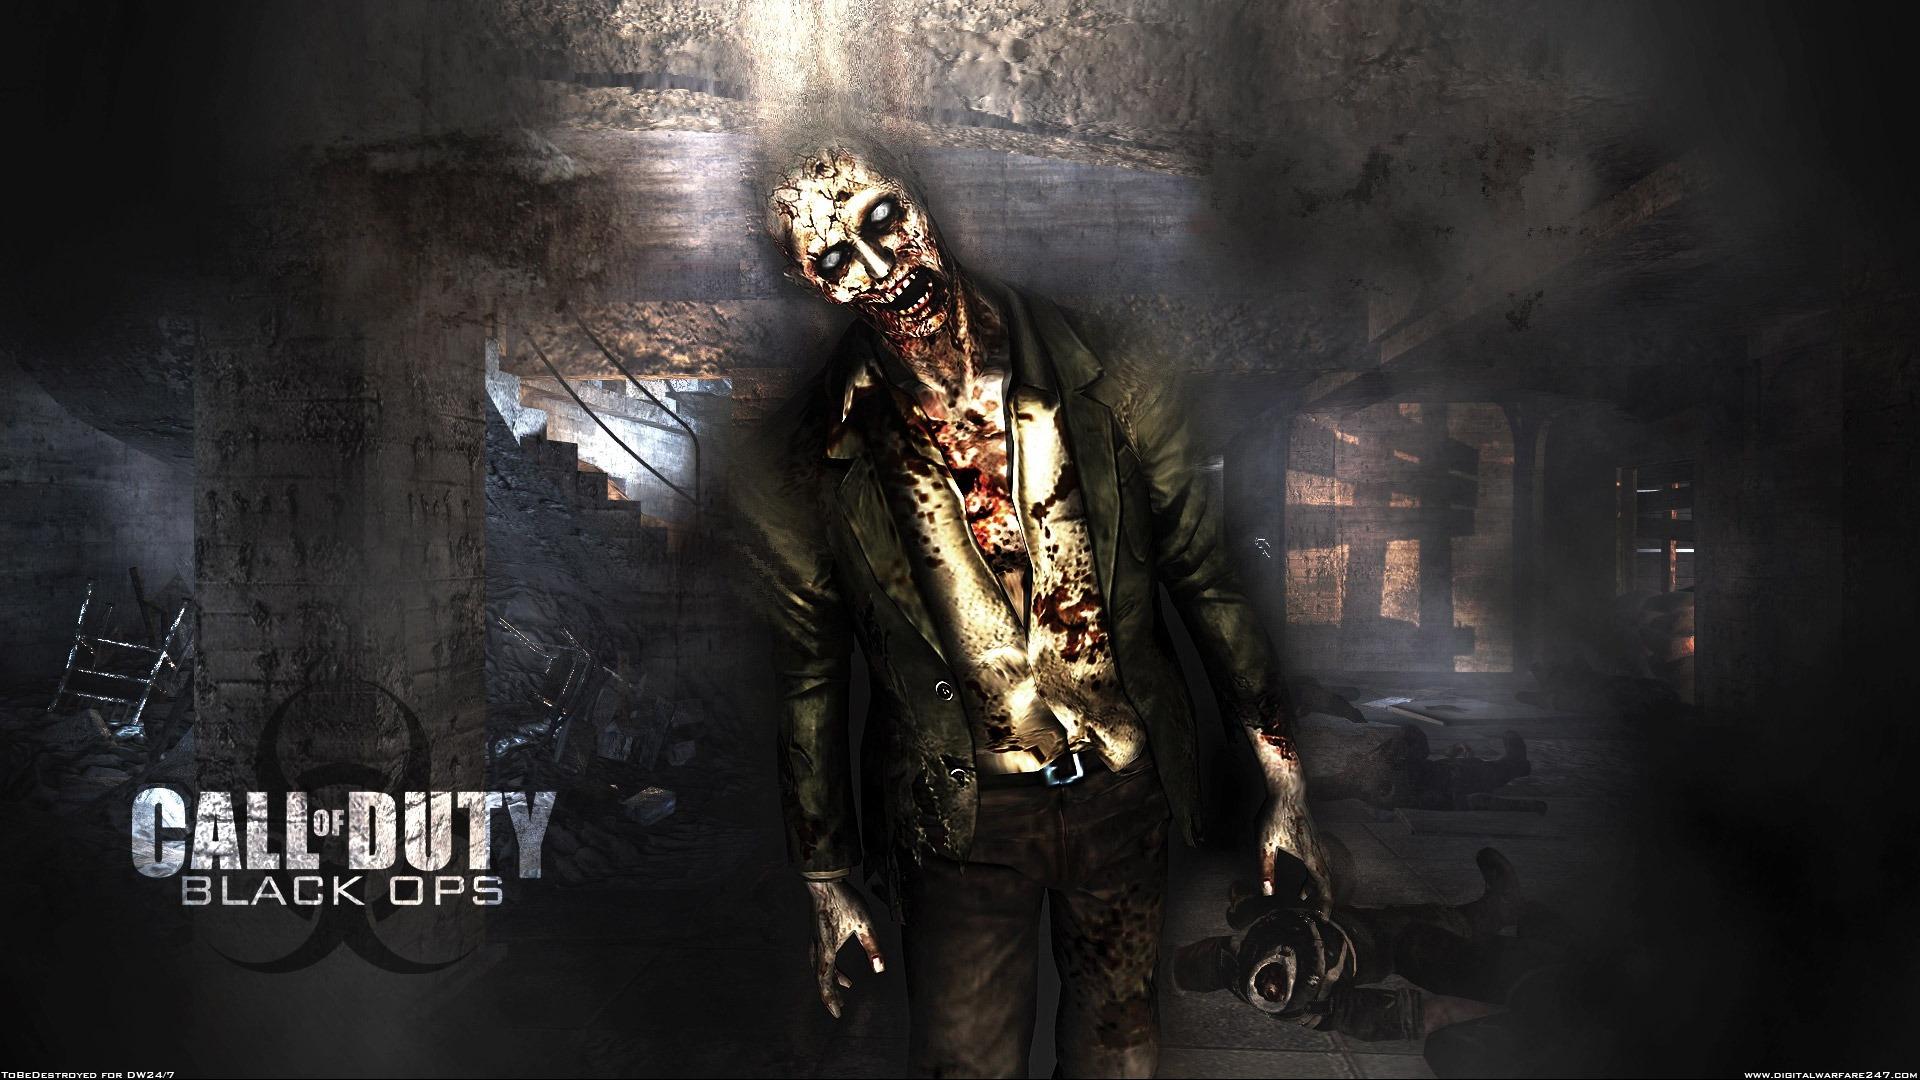 Fondos De Pantalla De Call Of Duty 7 Black Ops Hd Games